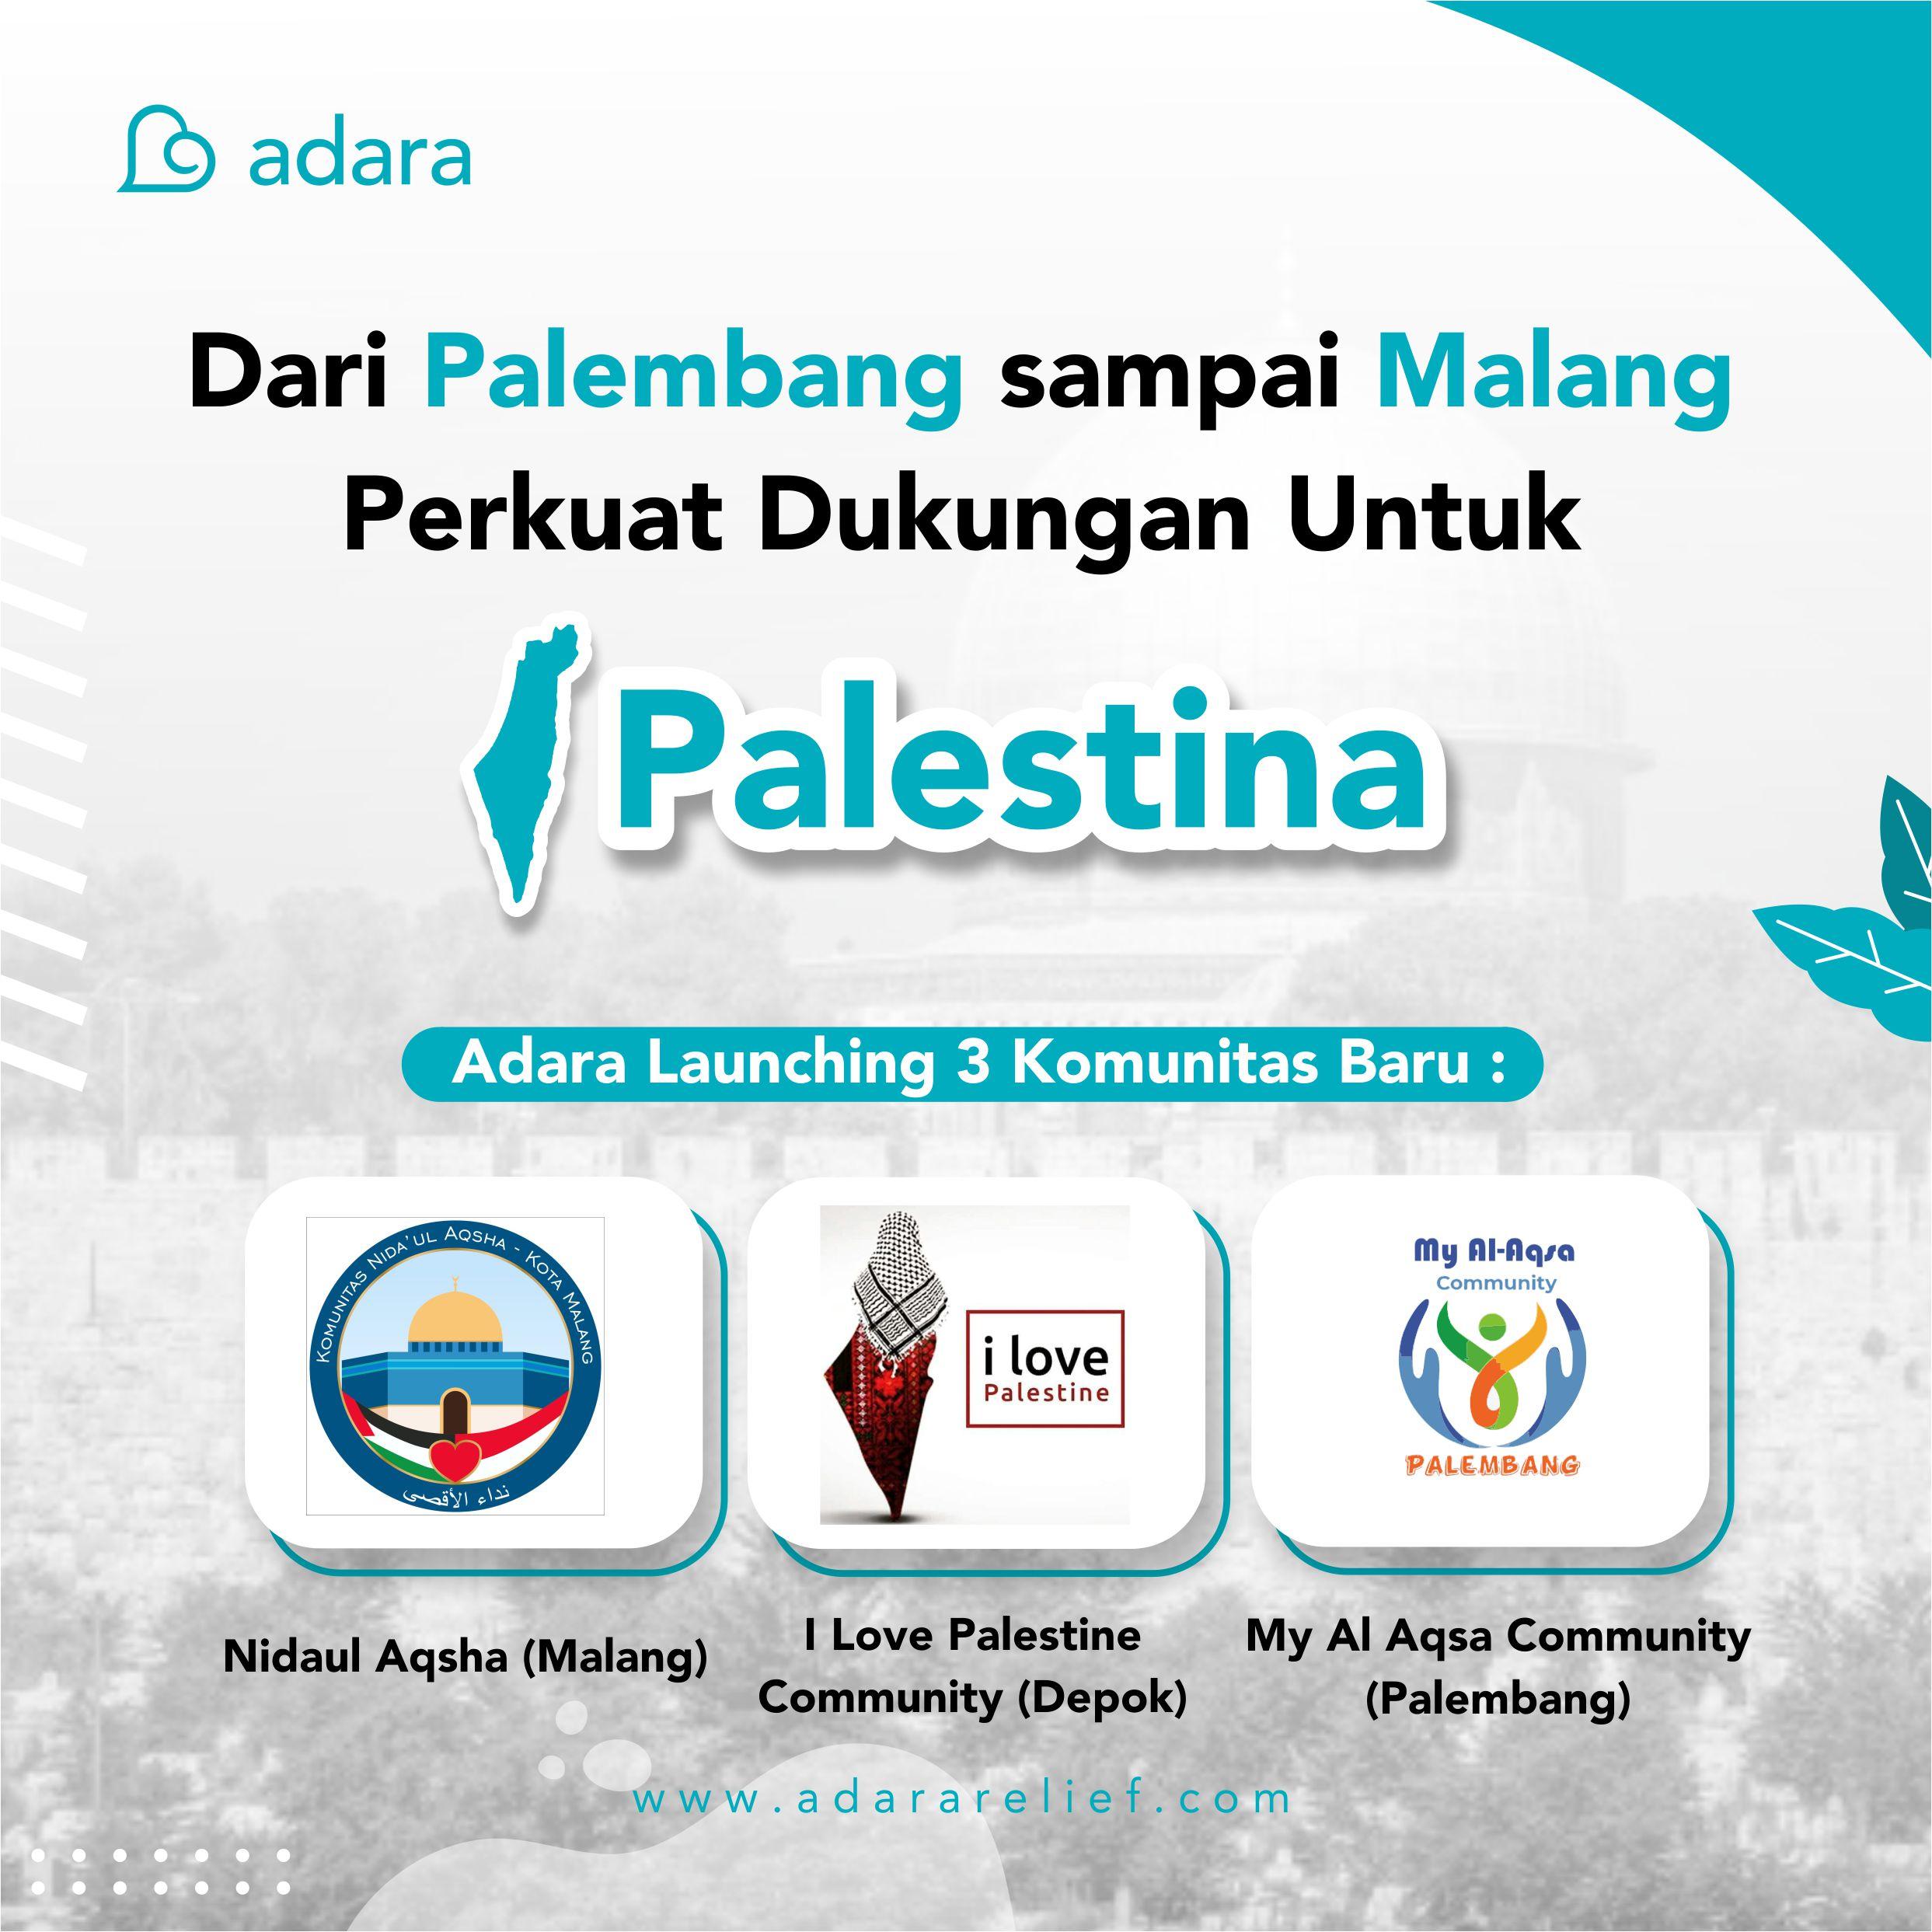 Dari Palembang sampai Malang Perkuat Dukungan Untuk Palestina